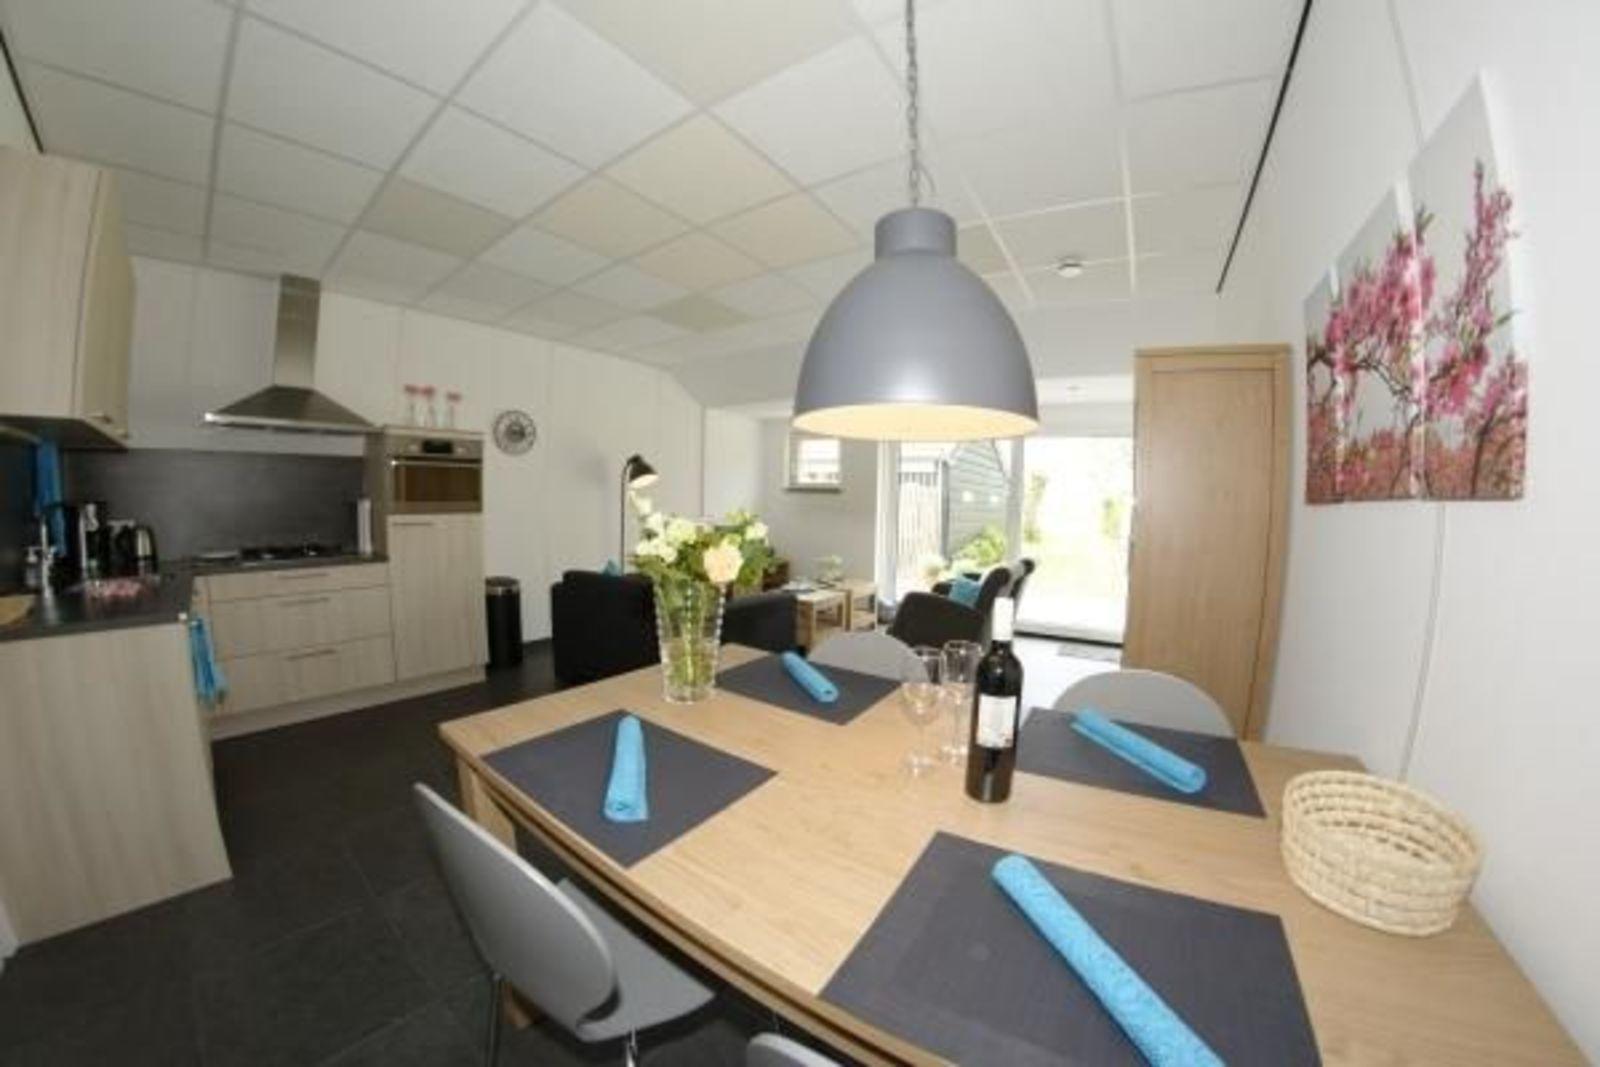 Ferienhaus für 4 Personen ca 60 m² in Zoutelande Zeeland Küste von Zeeland